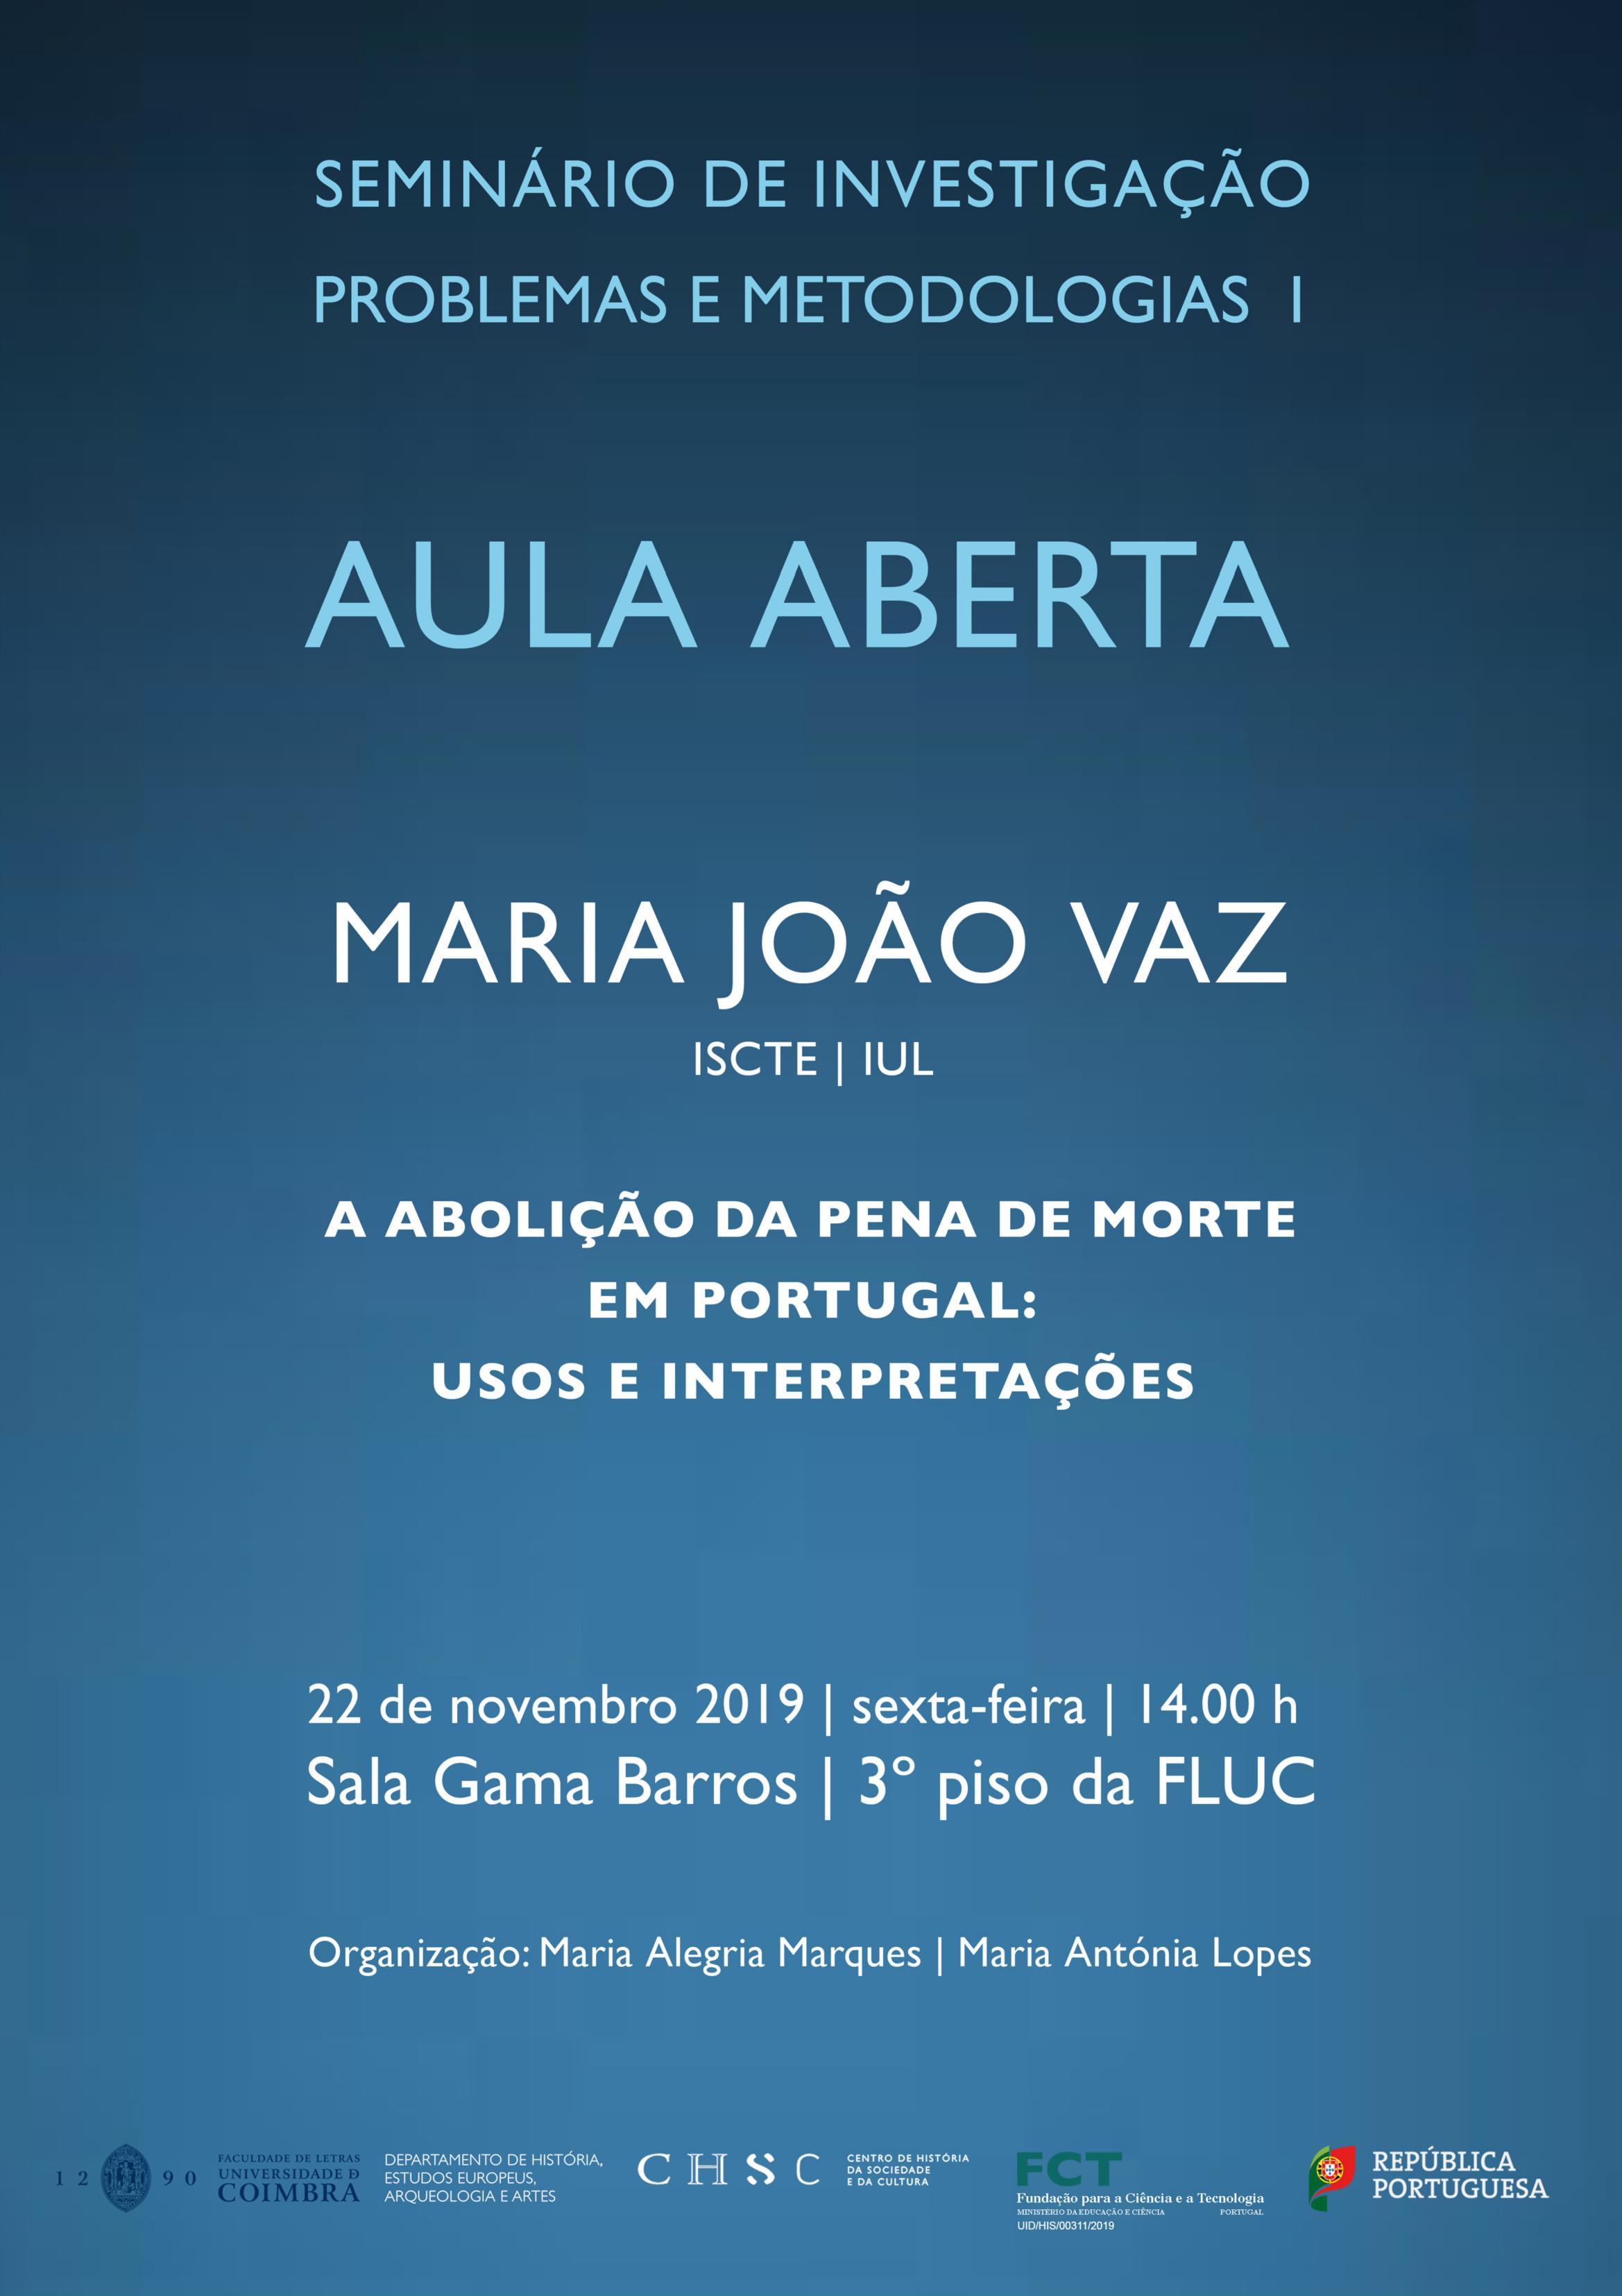 AULA ABERTA – A ABOLIÇÃO DA PENA DE MORTE EM PORTUGAL: USOS E INTERPRETAÇÕES